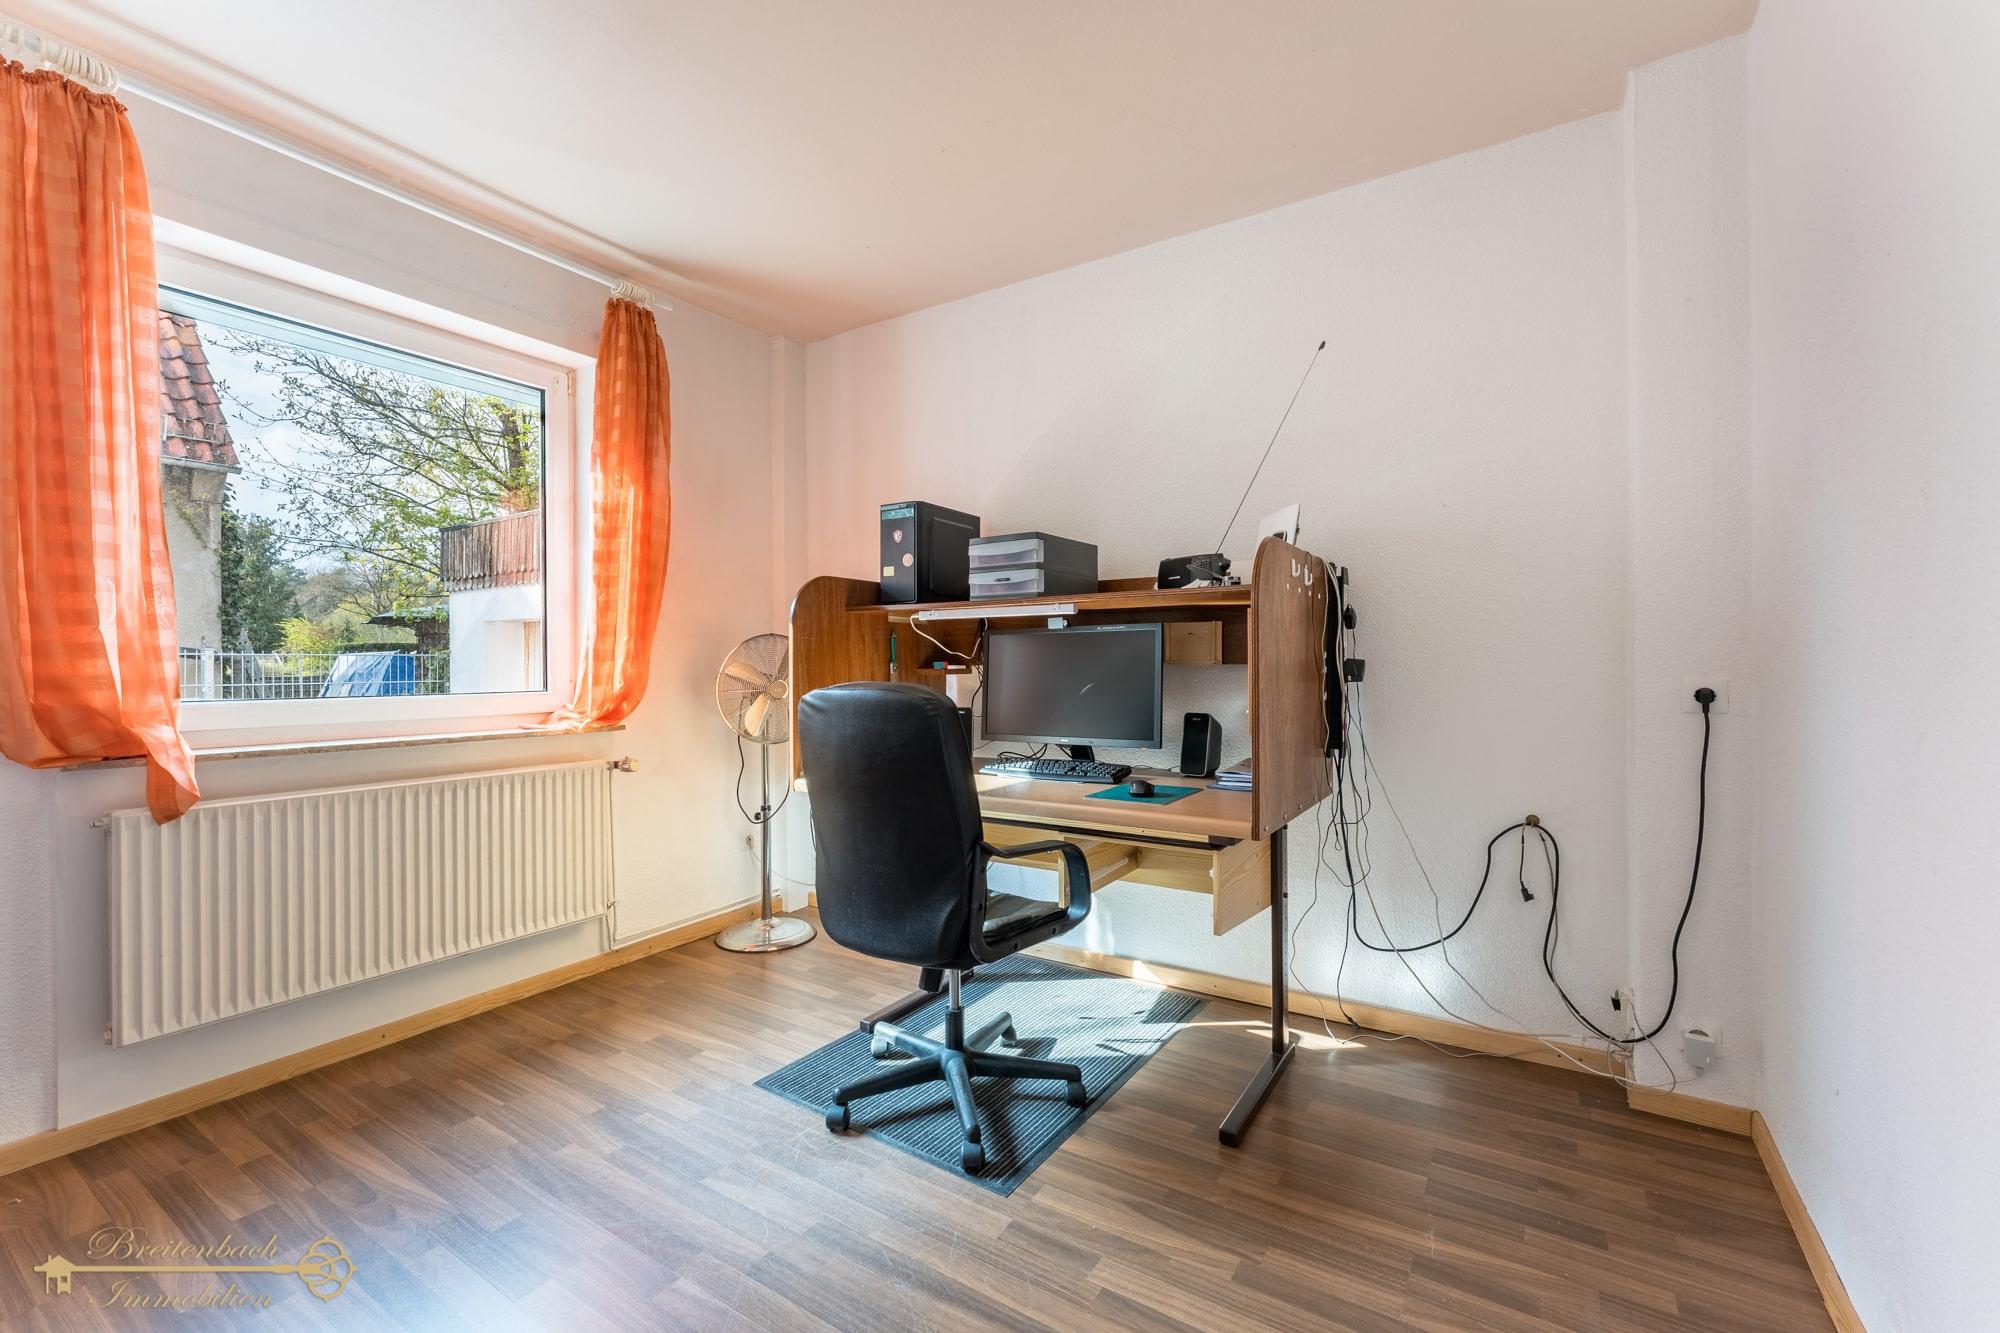 2021-05-01-Breitenbach-Immobilien-Makler-Bremen-13-min